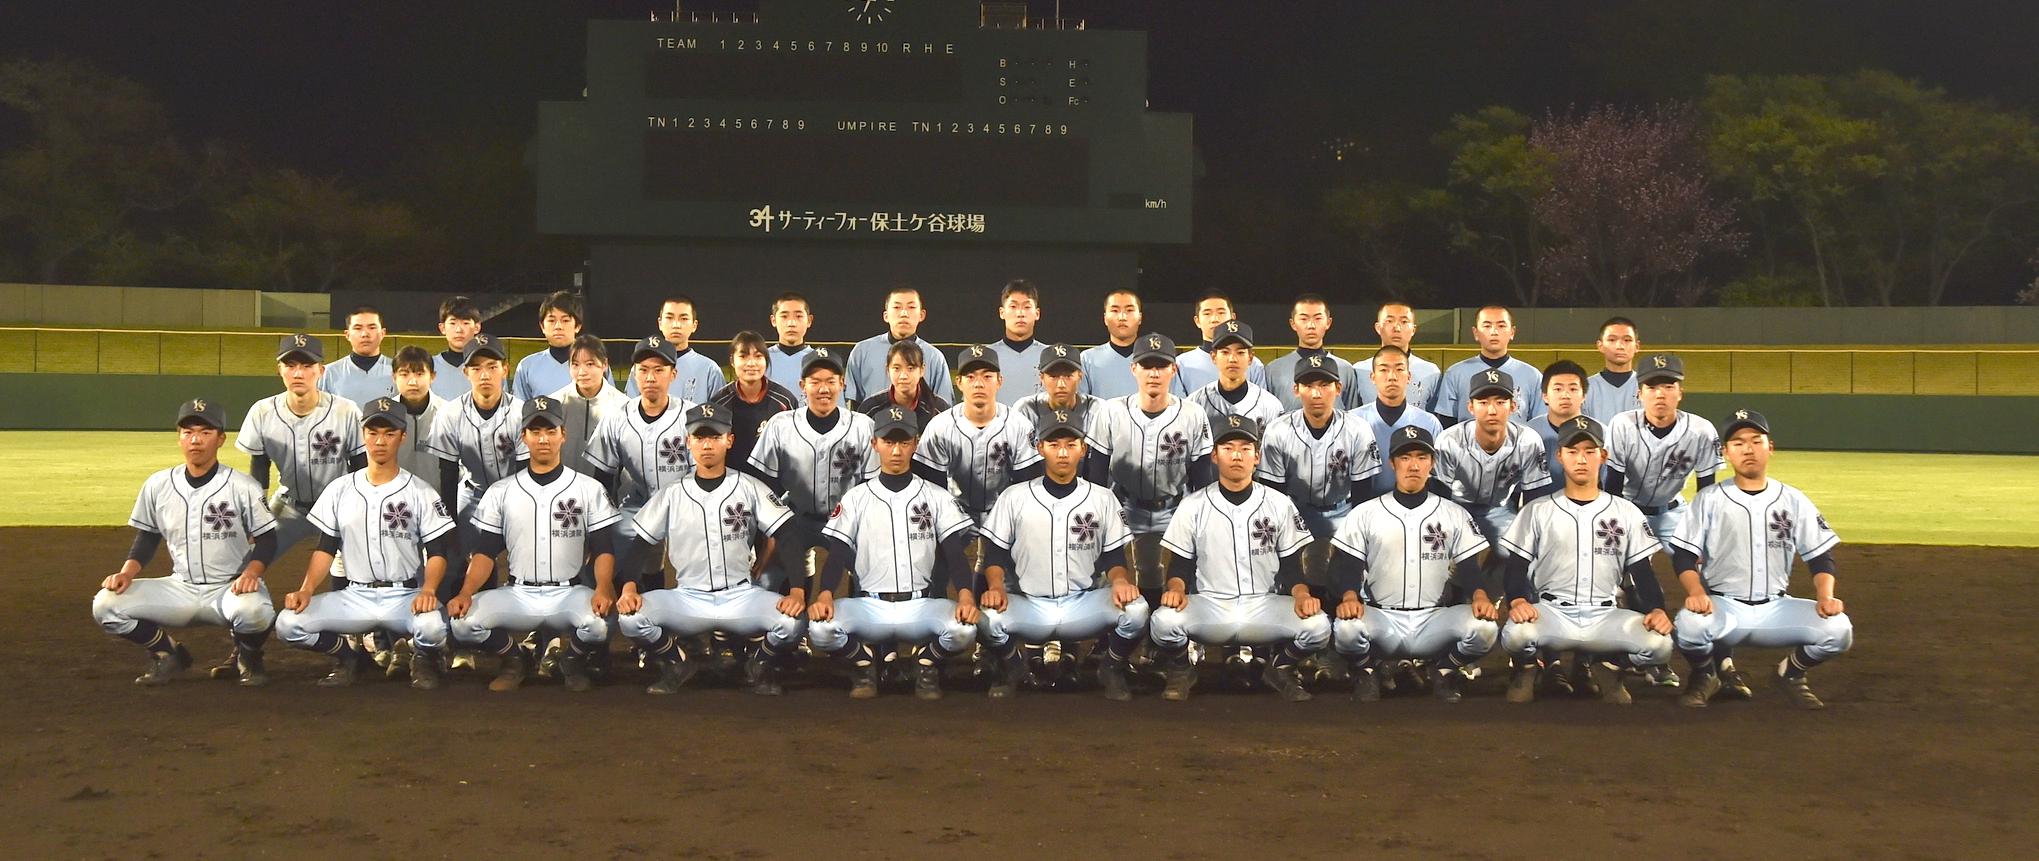 【横浜清陵 野球部】「覚悟」 #横浜清陵